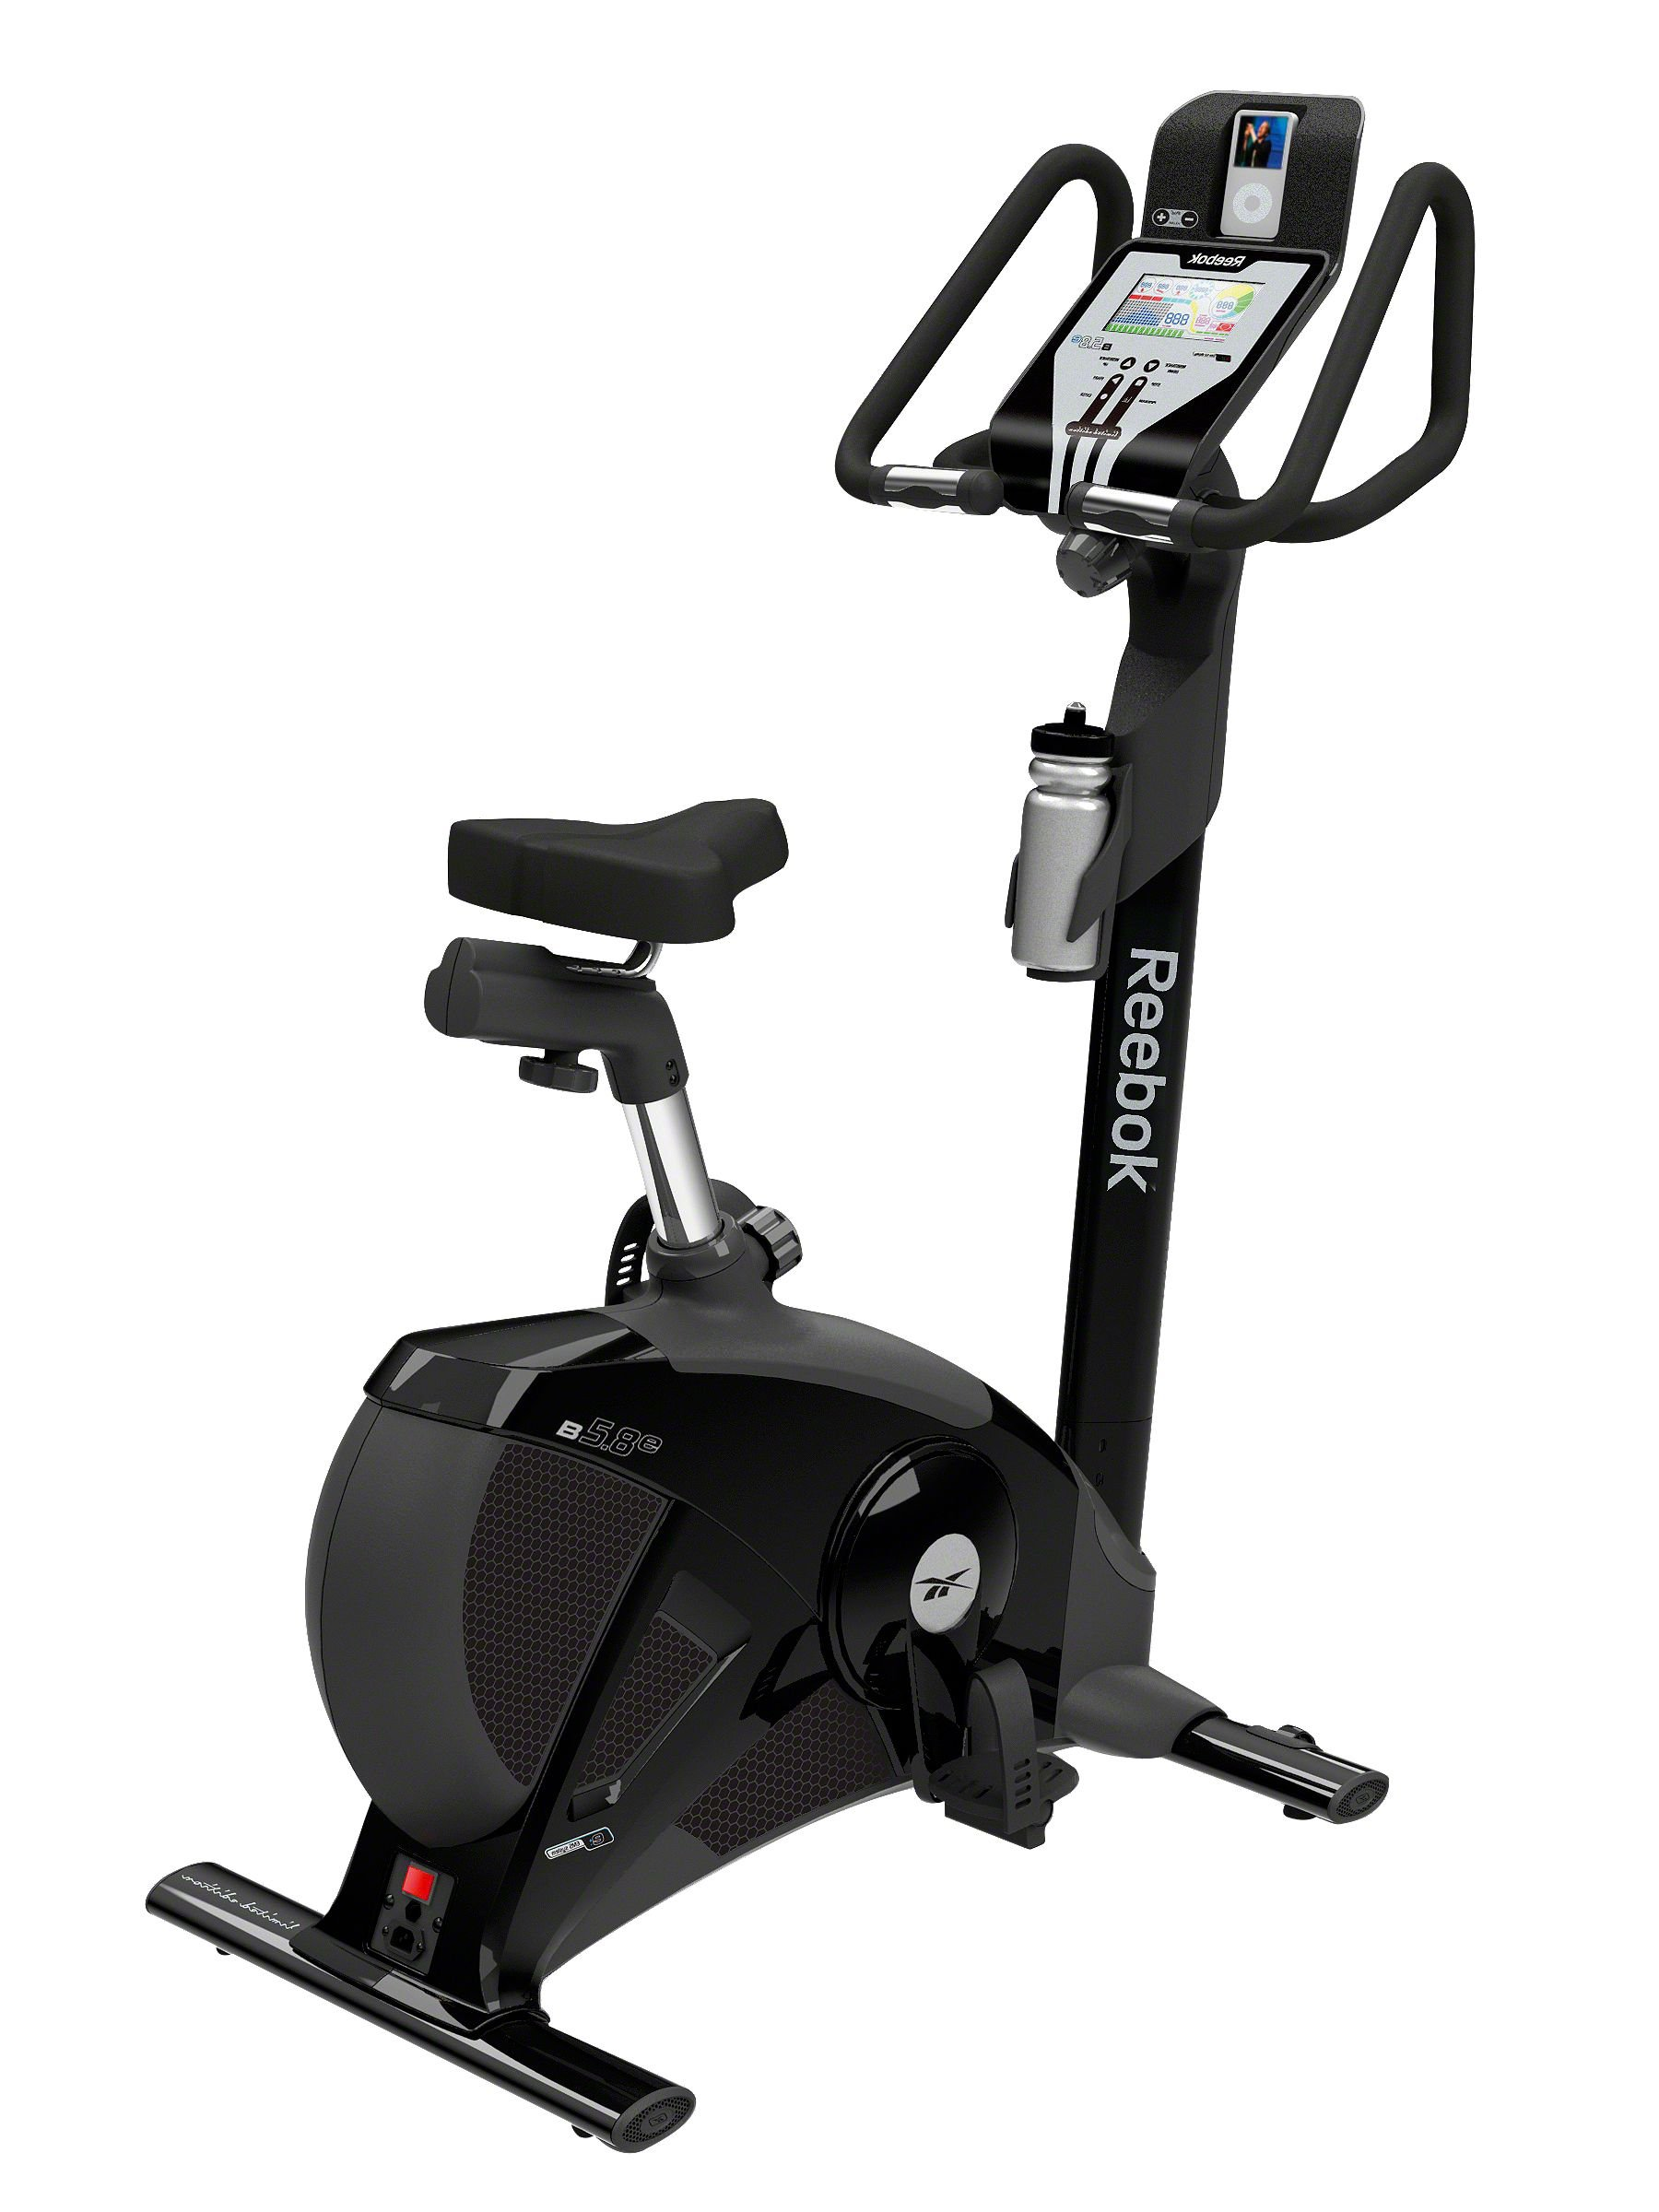 Reebok HY1000Si - Bicicletas estáticas y de spinning para fitness: Amazon.es: Hogar